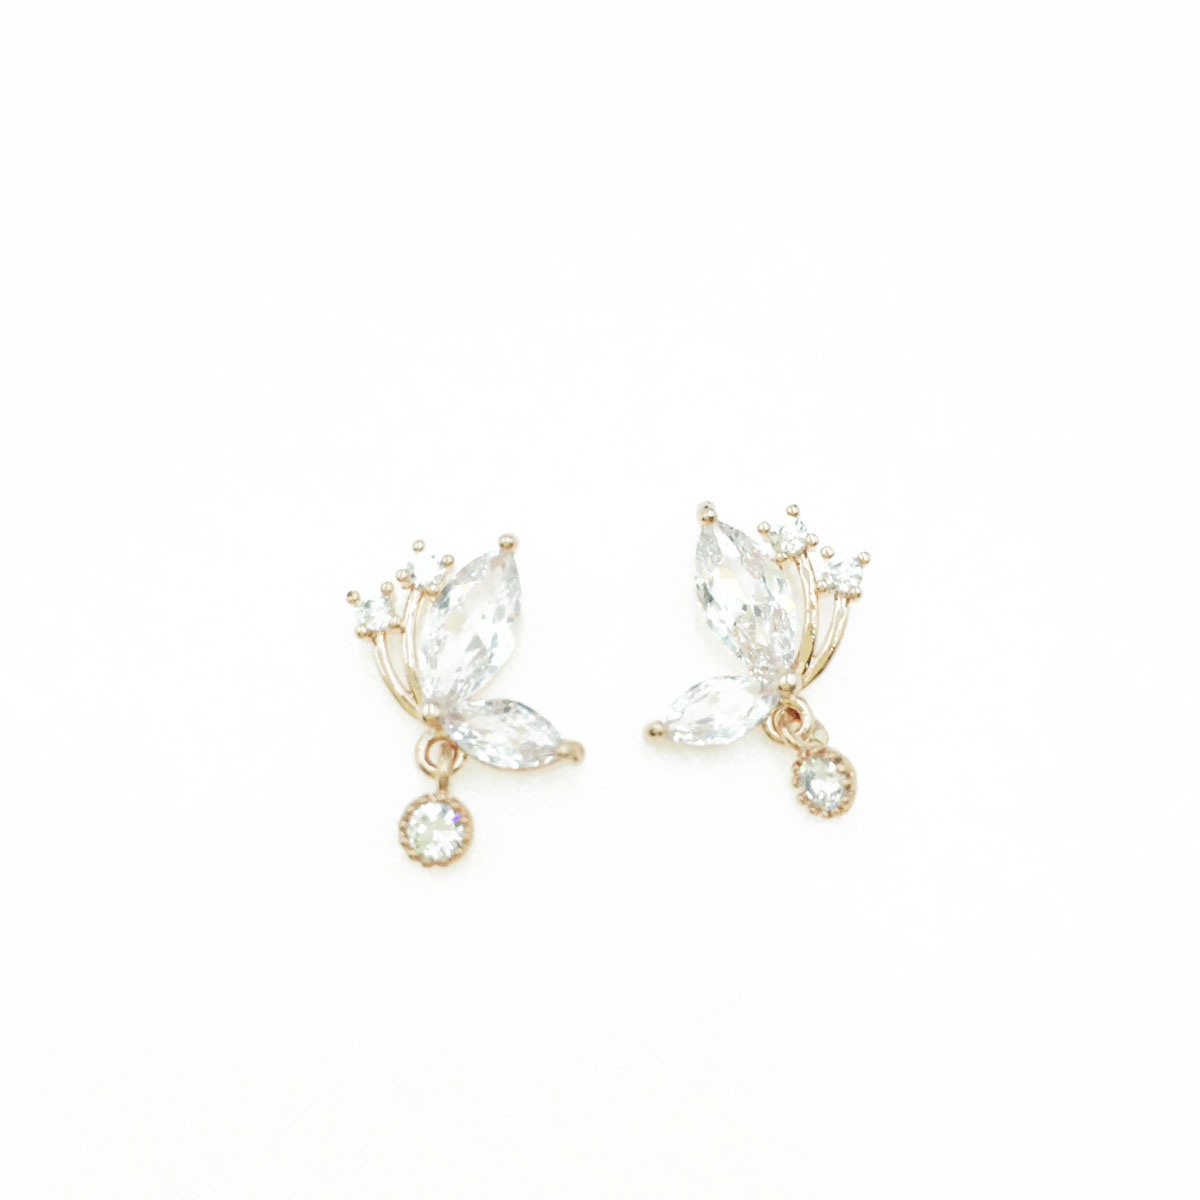 韓國 抗敏電鍍 蝴蝶 造型 玫瑰金 耳針式耳環